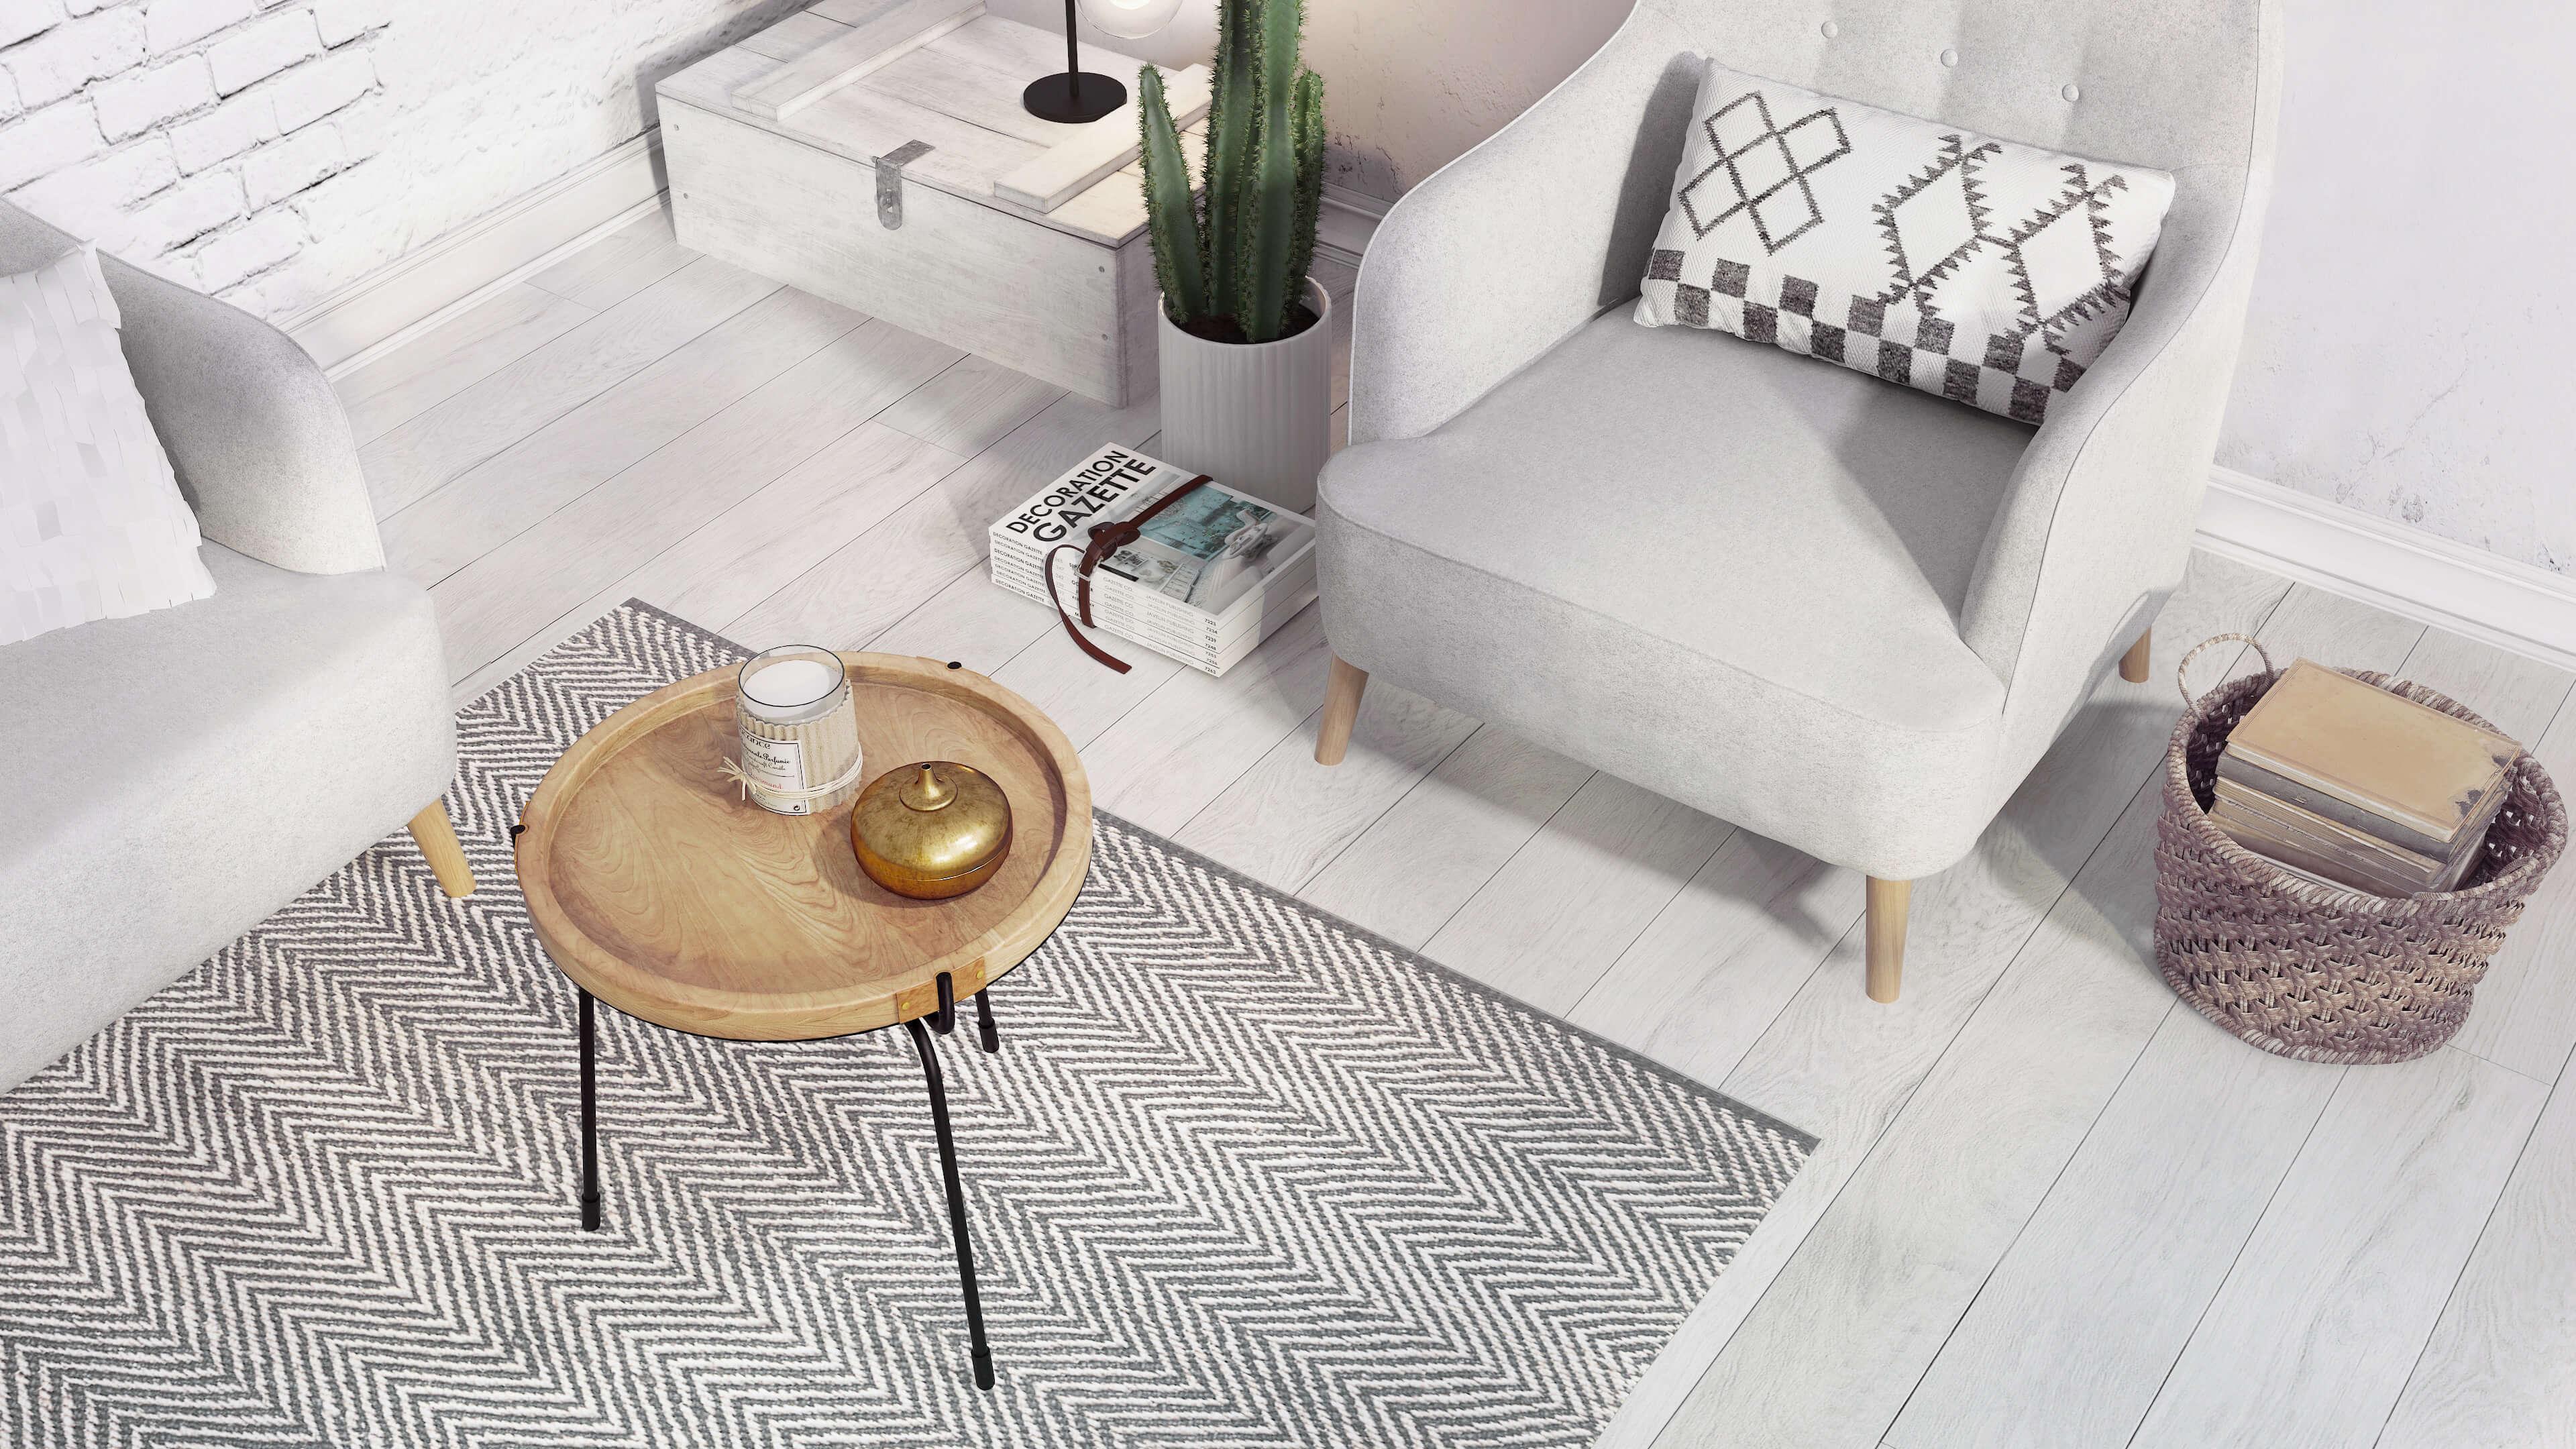 furniture-renderings-5